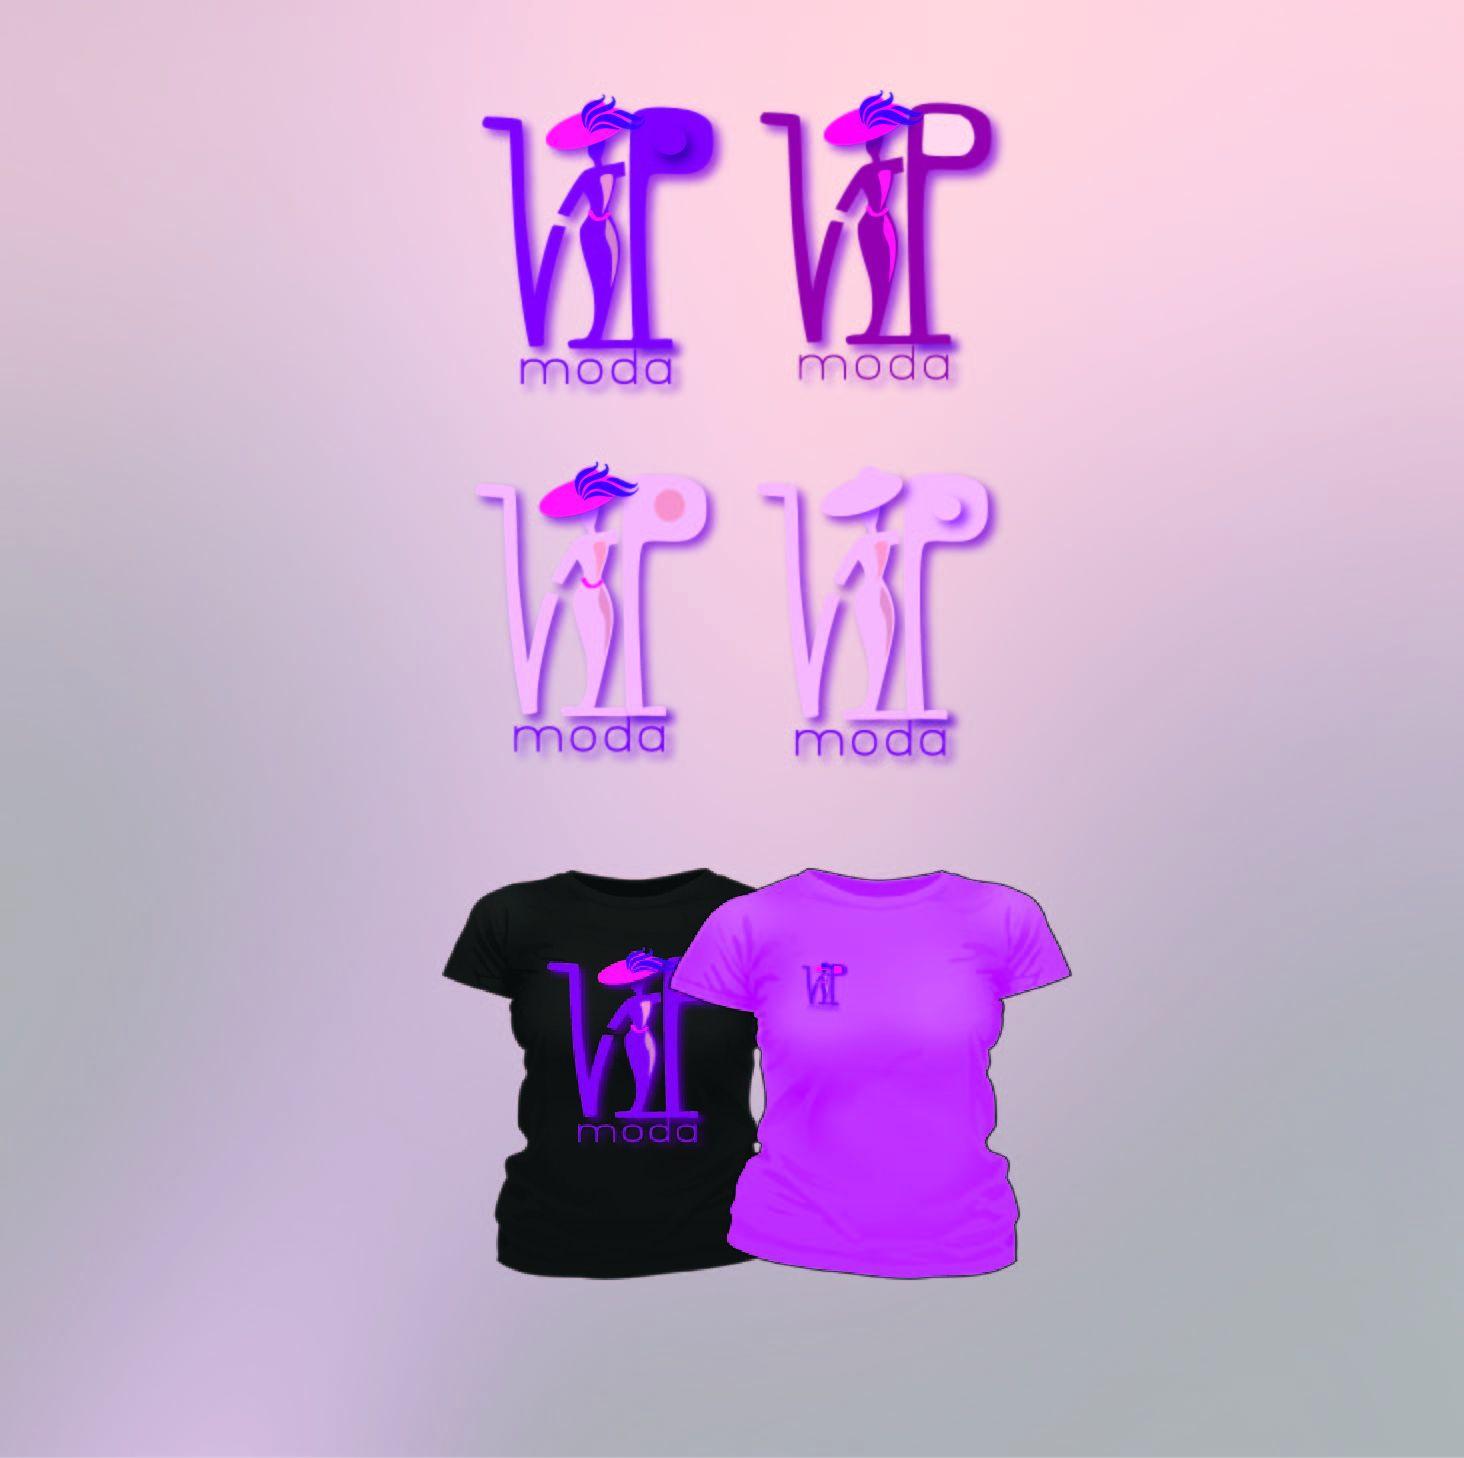 Лого и фирменный стиль компании ВИПМОДА  - дизайнер Victory17